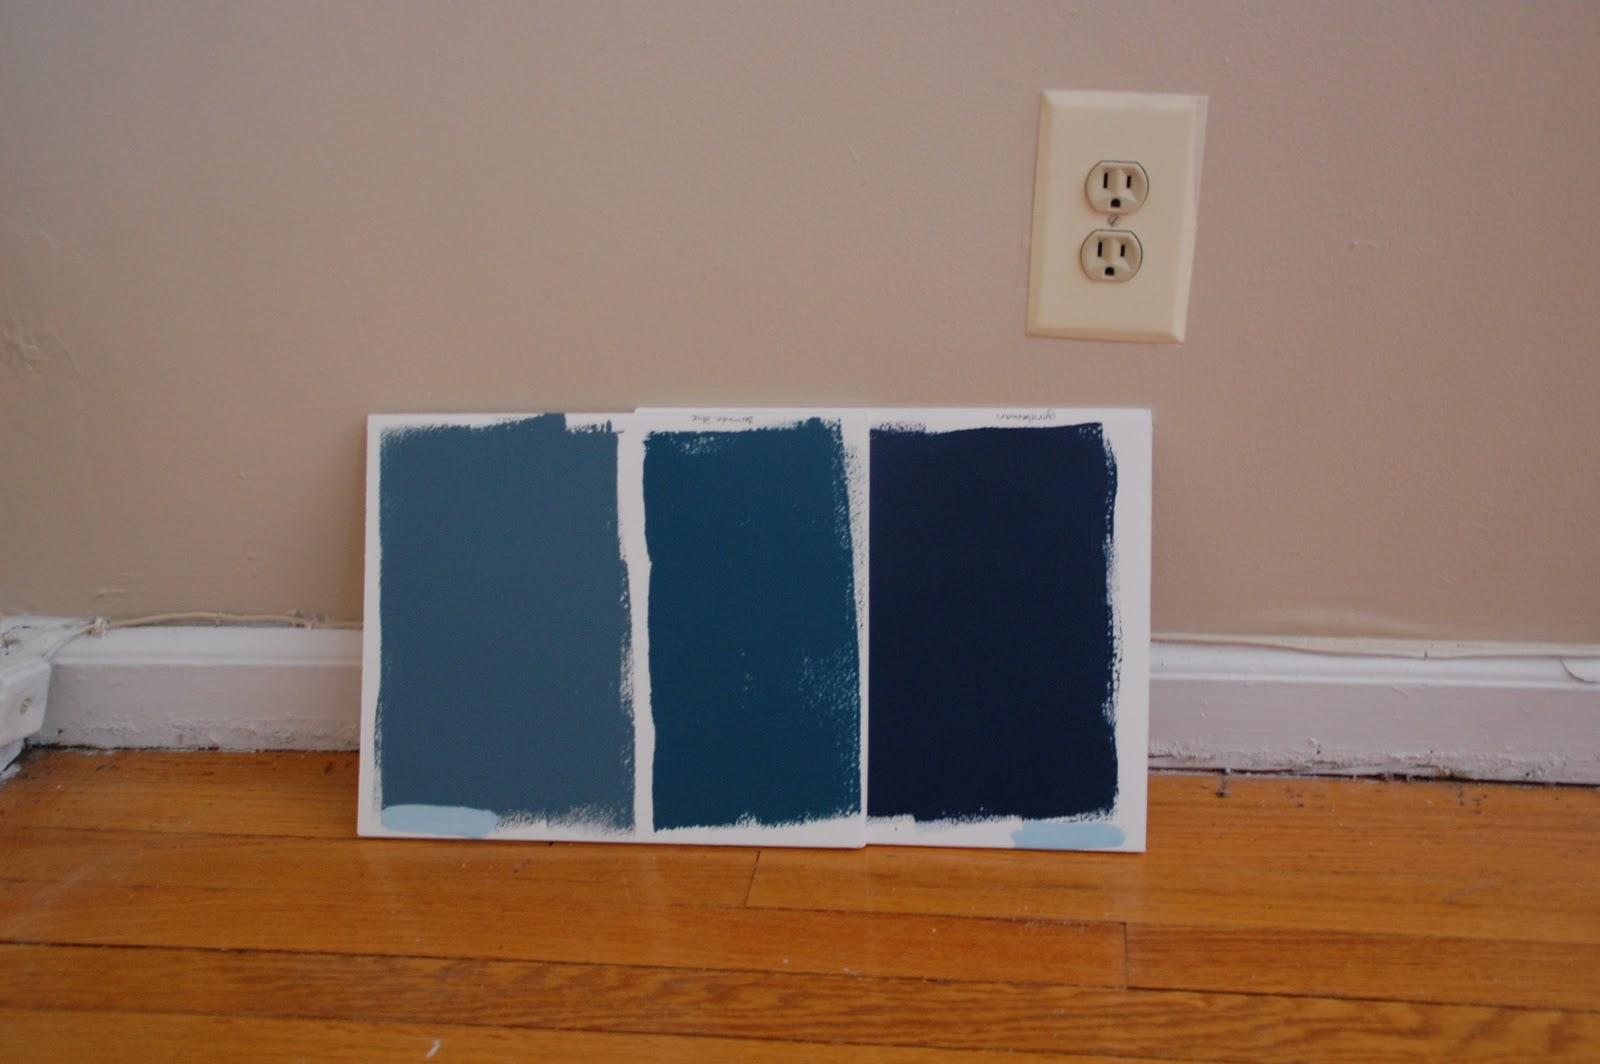 lisa moves bluey green or greeny blue or dark dark blue. Black Bedroom Furniture Sets. Home Design Ideas